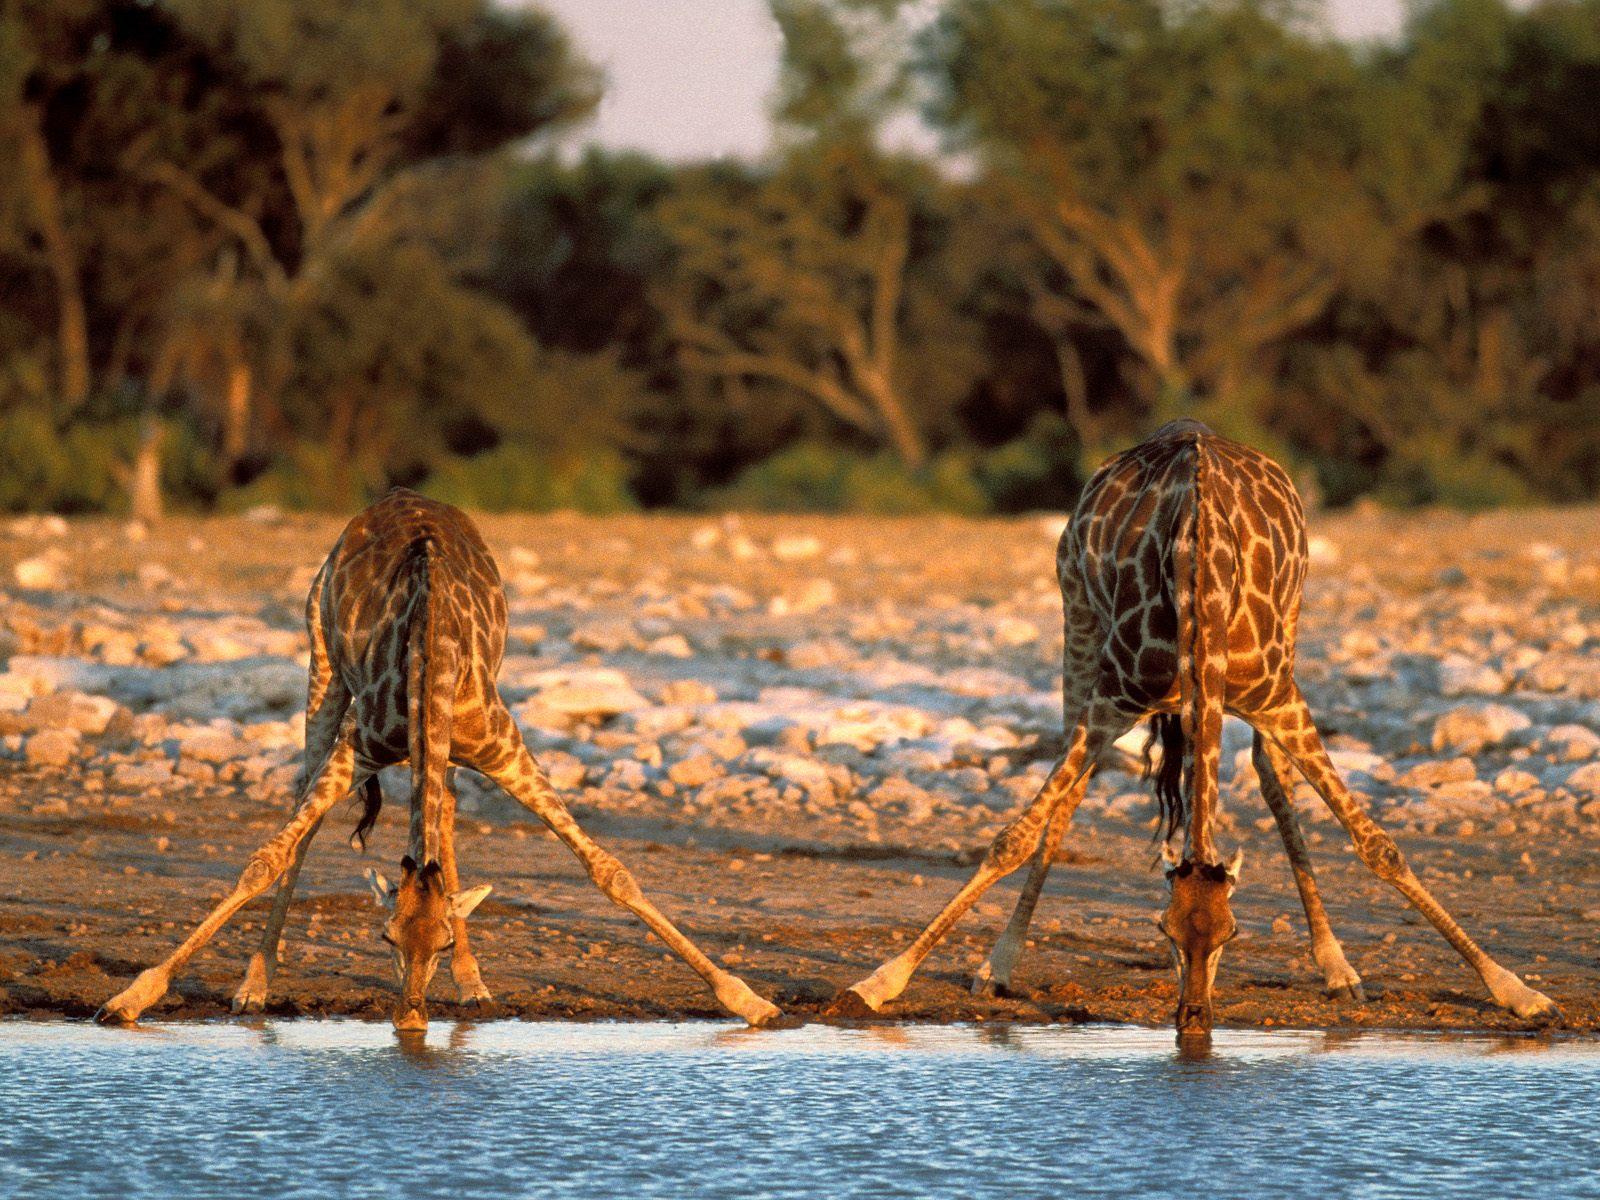 http://4.bp.blogspot.com/-J6bdH56ORjY/TnNCRXIhfRI/AAAAAAAAAL4/T6qZGWrMKxY/s1600/giraffe-wallpaper-21-753051.jpg